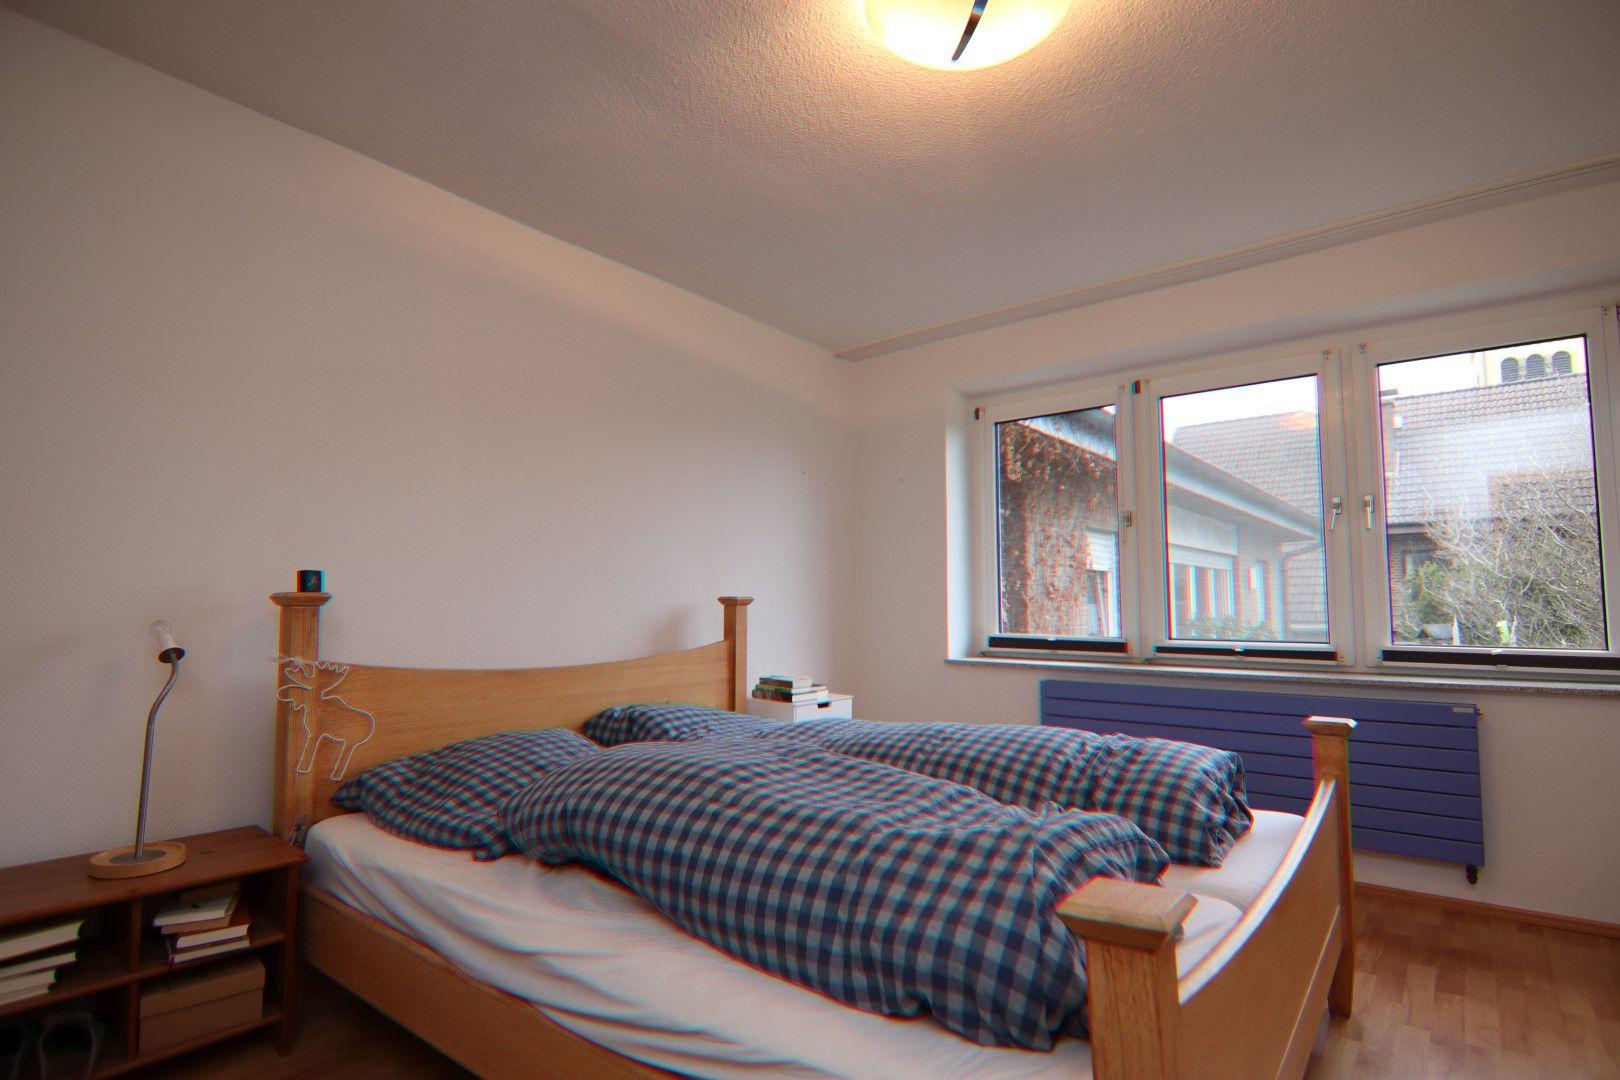 Immobilie Nr.0291 - 4-Raum-Wohnung, 2 Bäder mit Balkon u. Stpl. - Bild 9.jpg